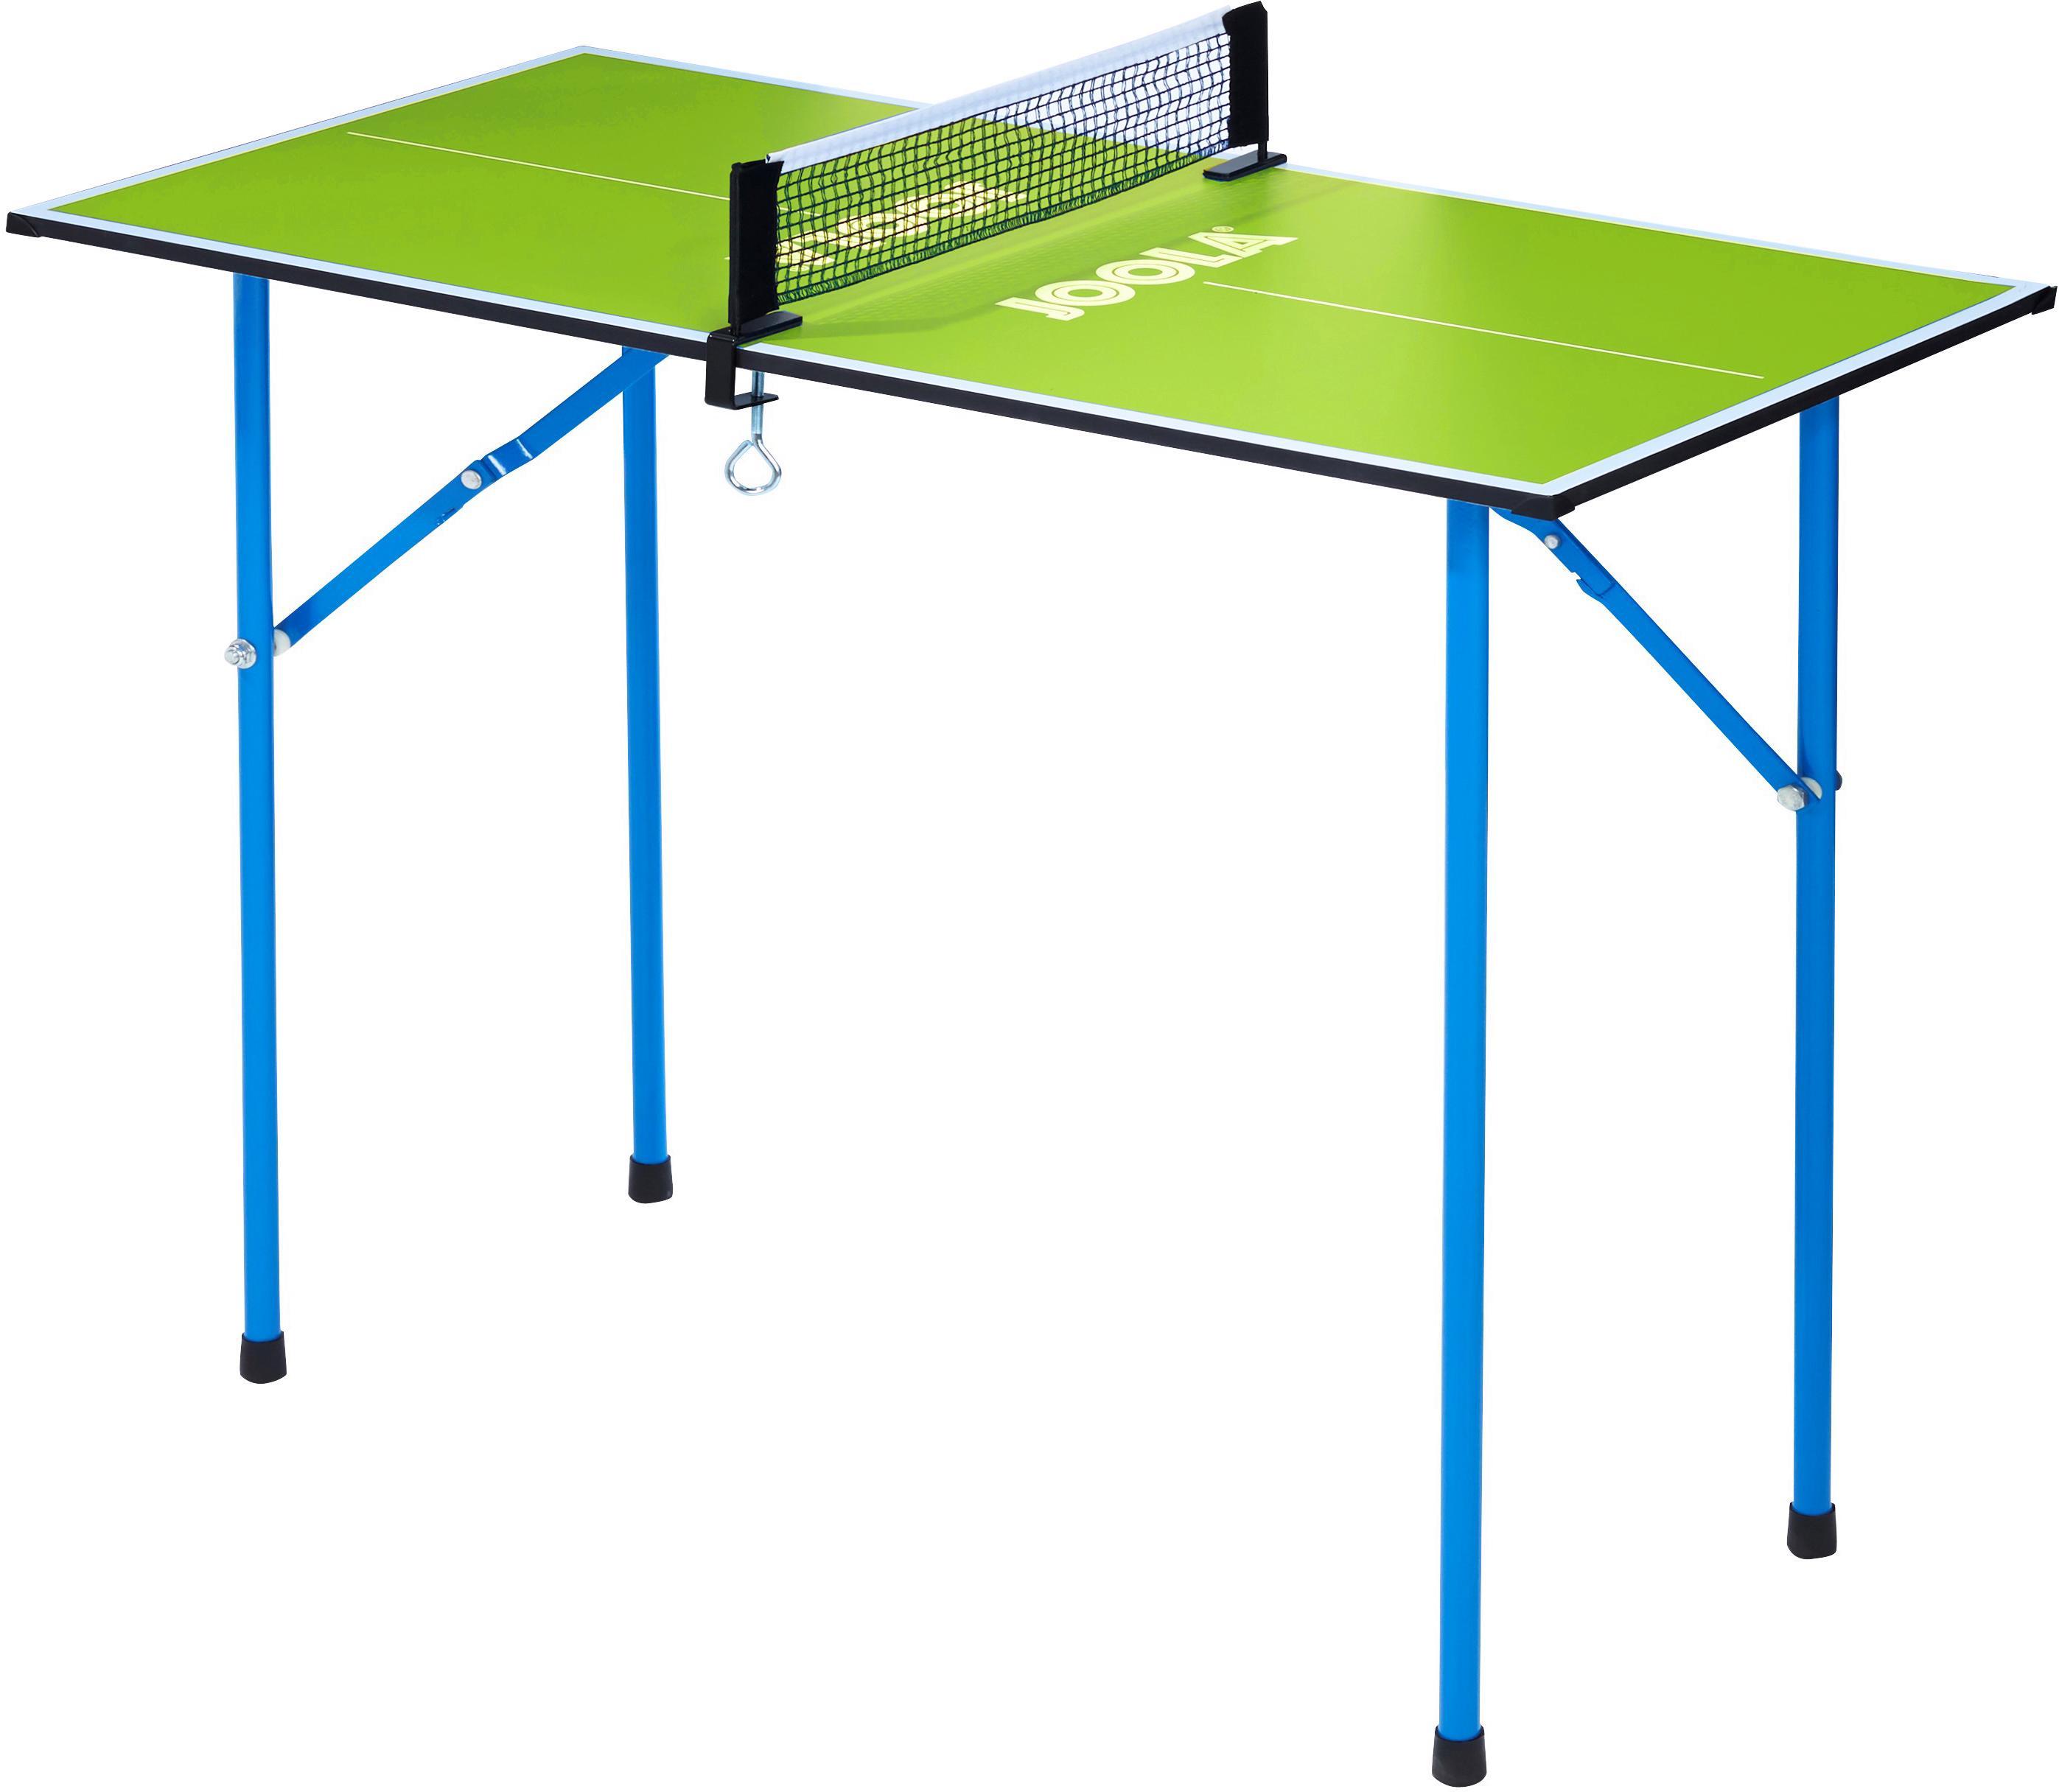 Joola Mini-Tischtennisplatte Mini, (2 tlg.), Das Netz ist im Lieferumfang enthalten grün Tischtennis-Ausrüstung Tischtennis Sportarten